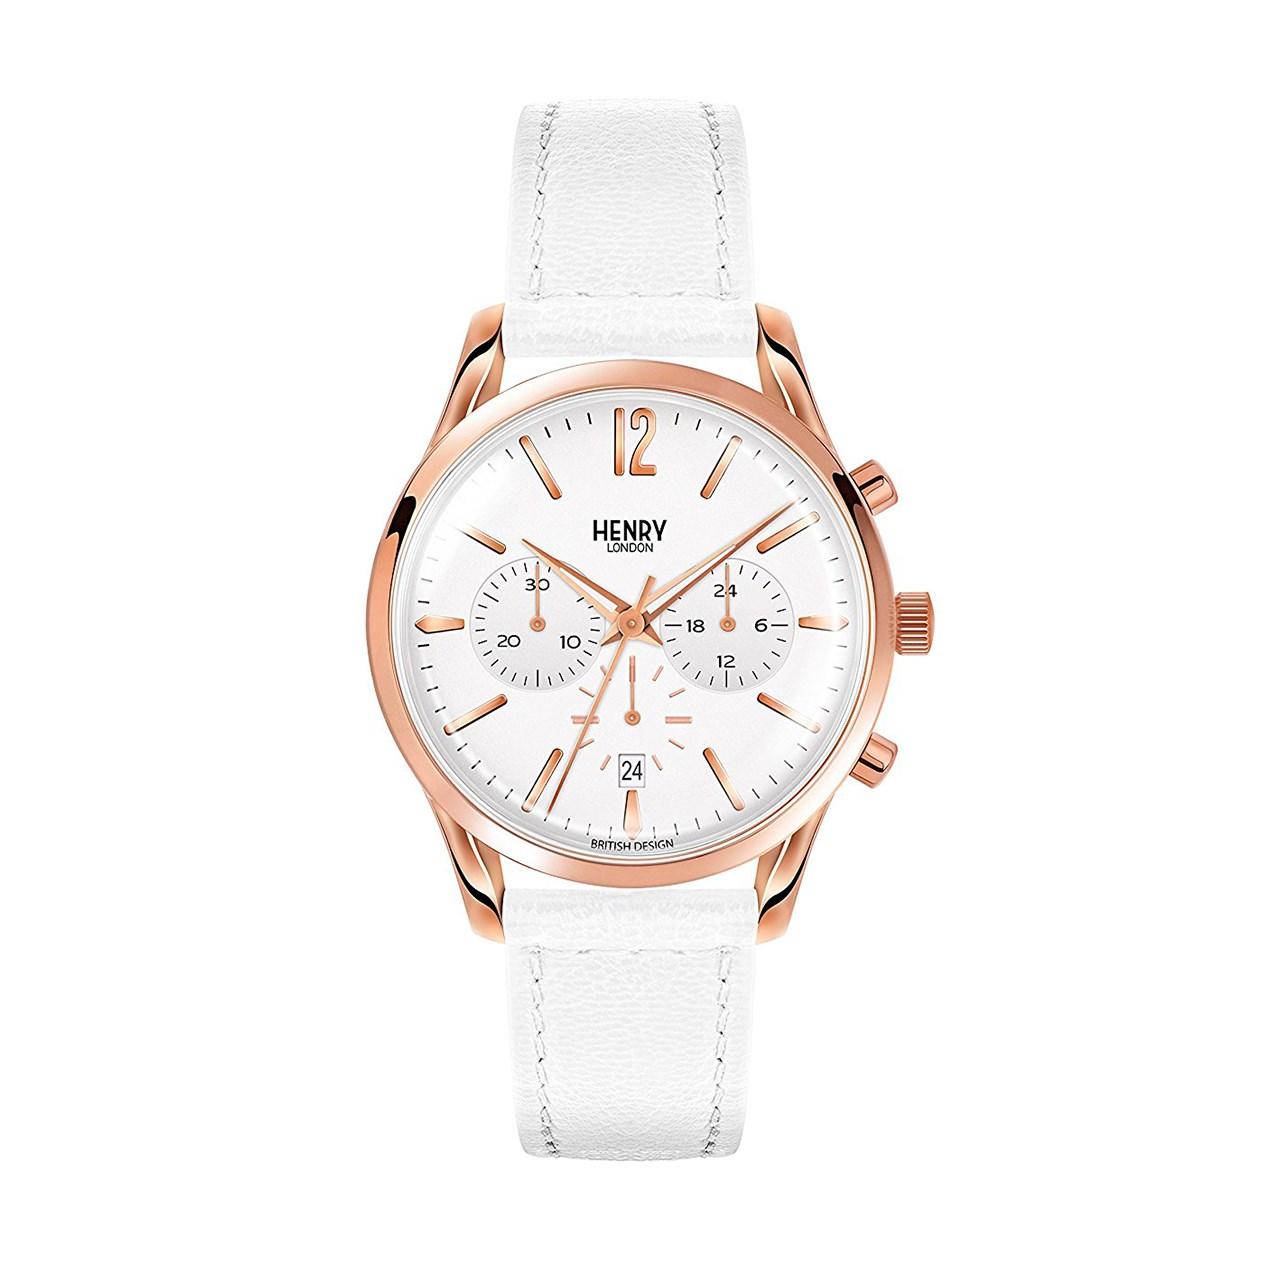 خرید ساعت مچی عقربه ای  هنری لندن مدل Hl39-cs-0126